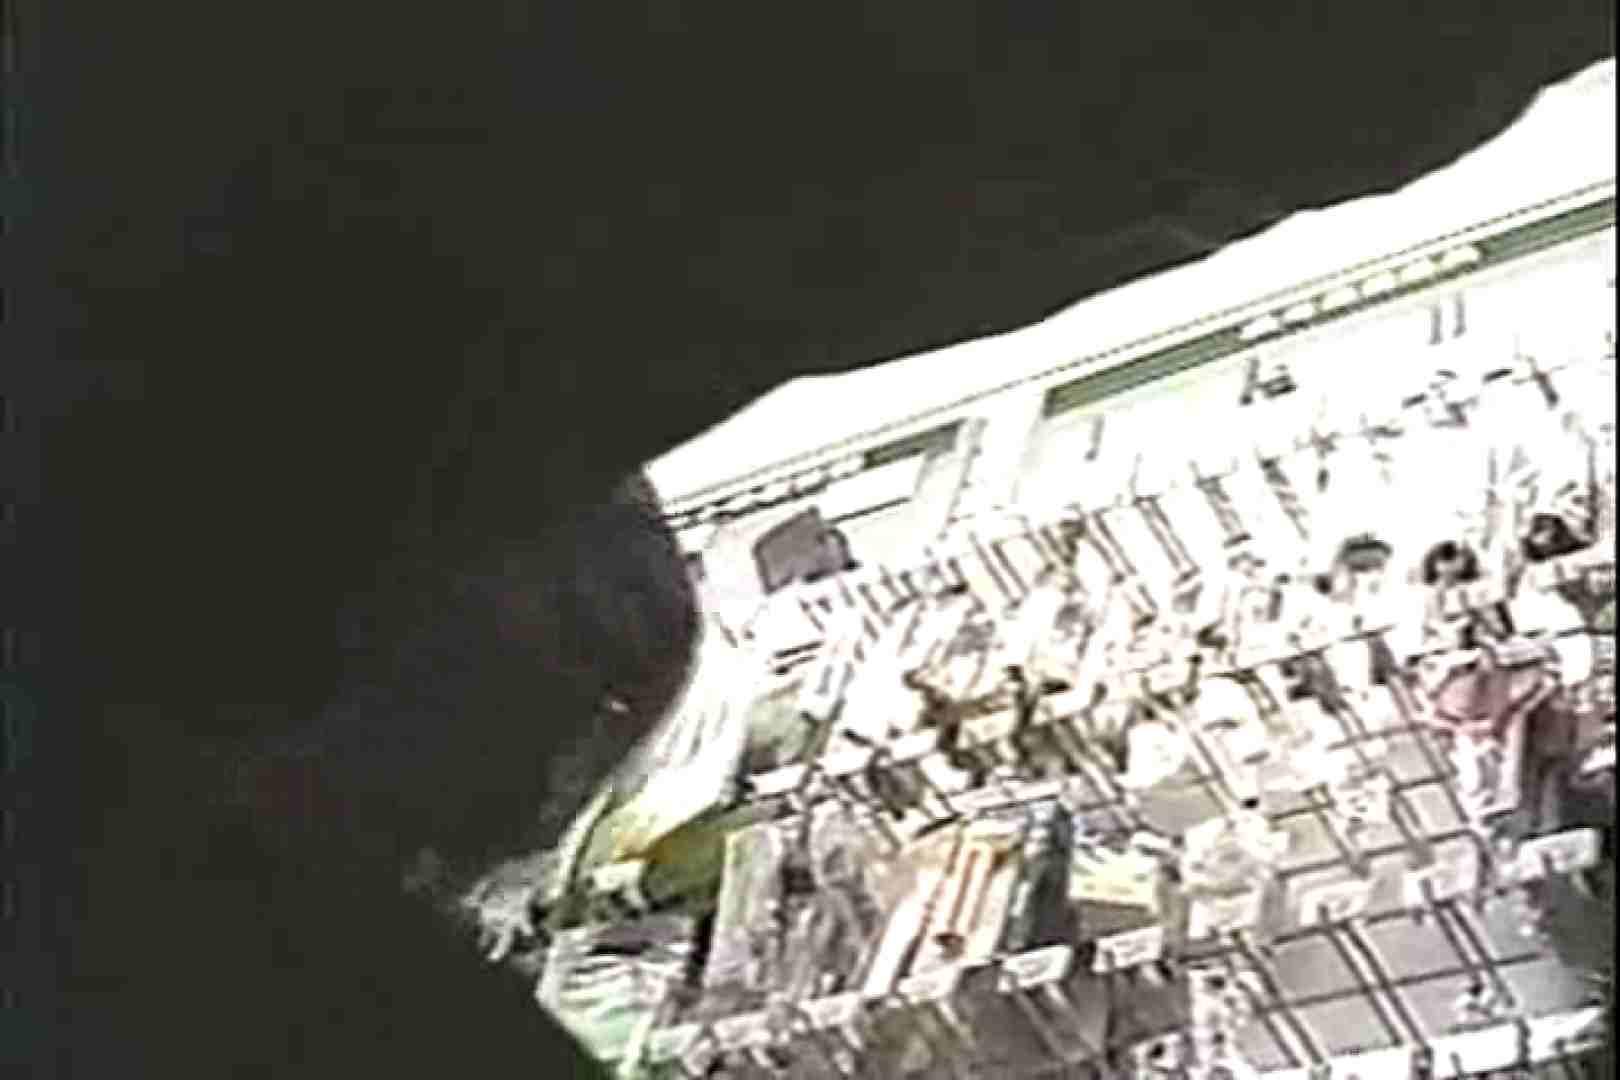 「ちくりん」さんのオリジナル未編集パンチラVol.3_02 OLの実態 盗み撮りSEX無修正画像 46pic 32